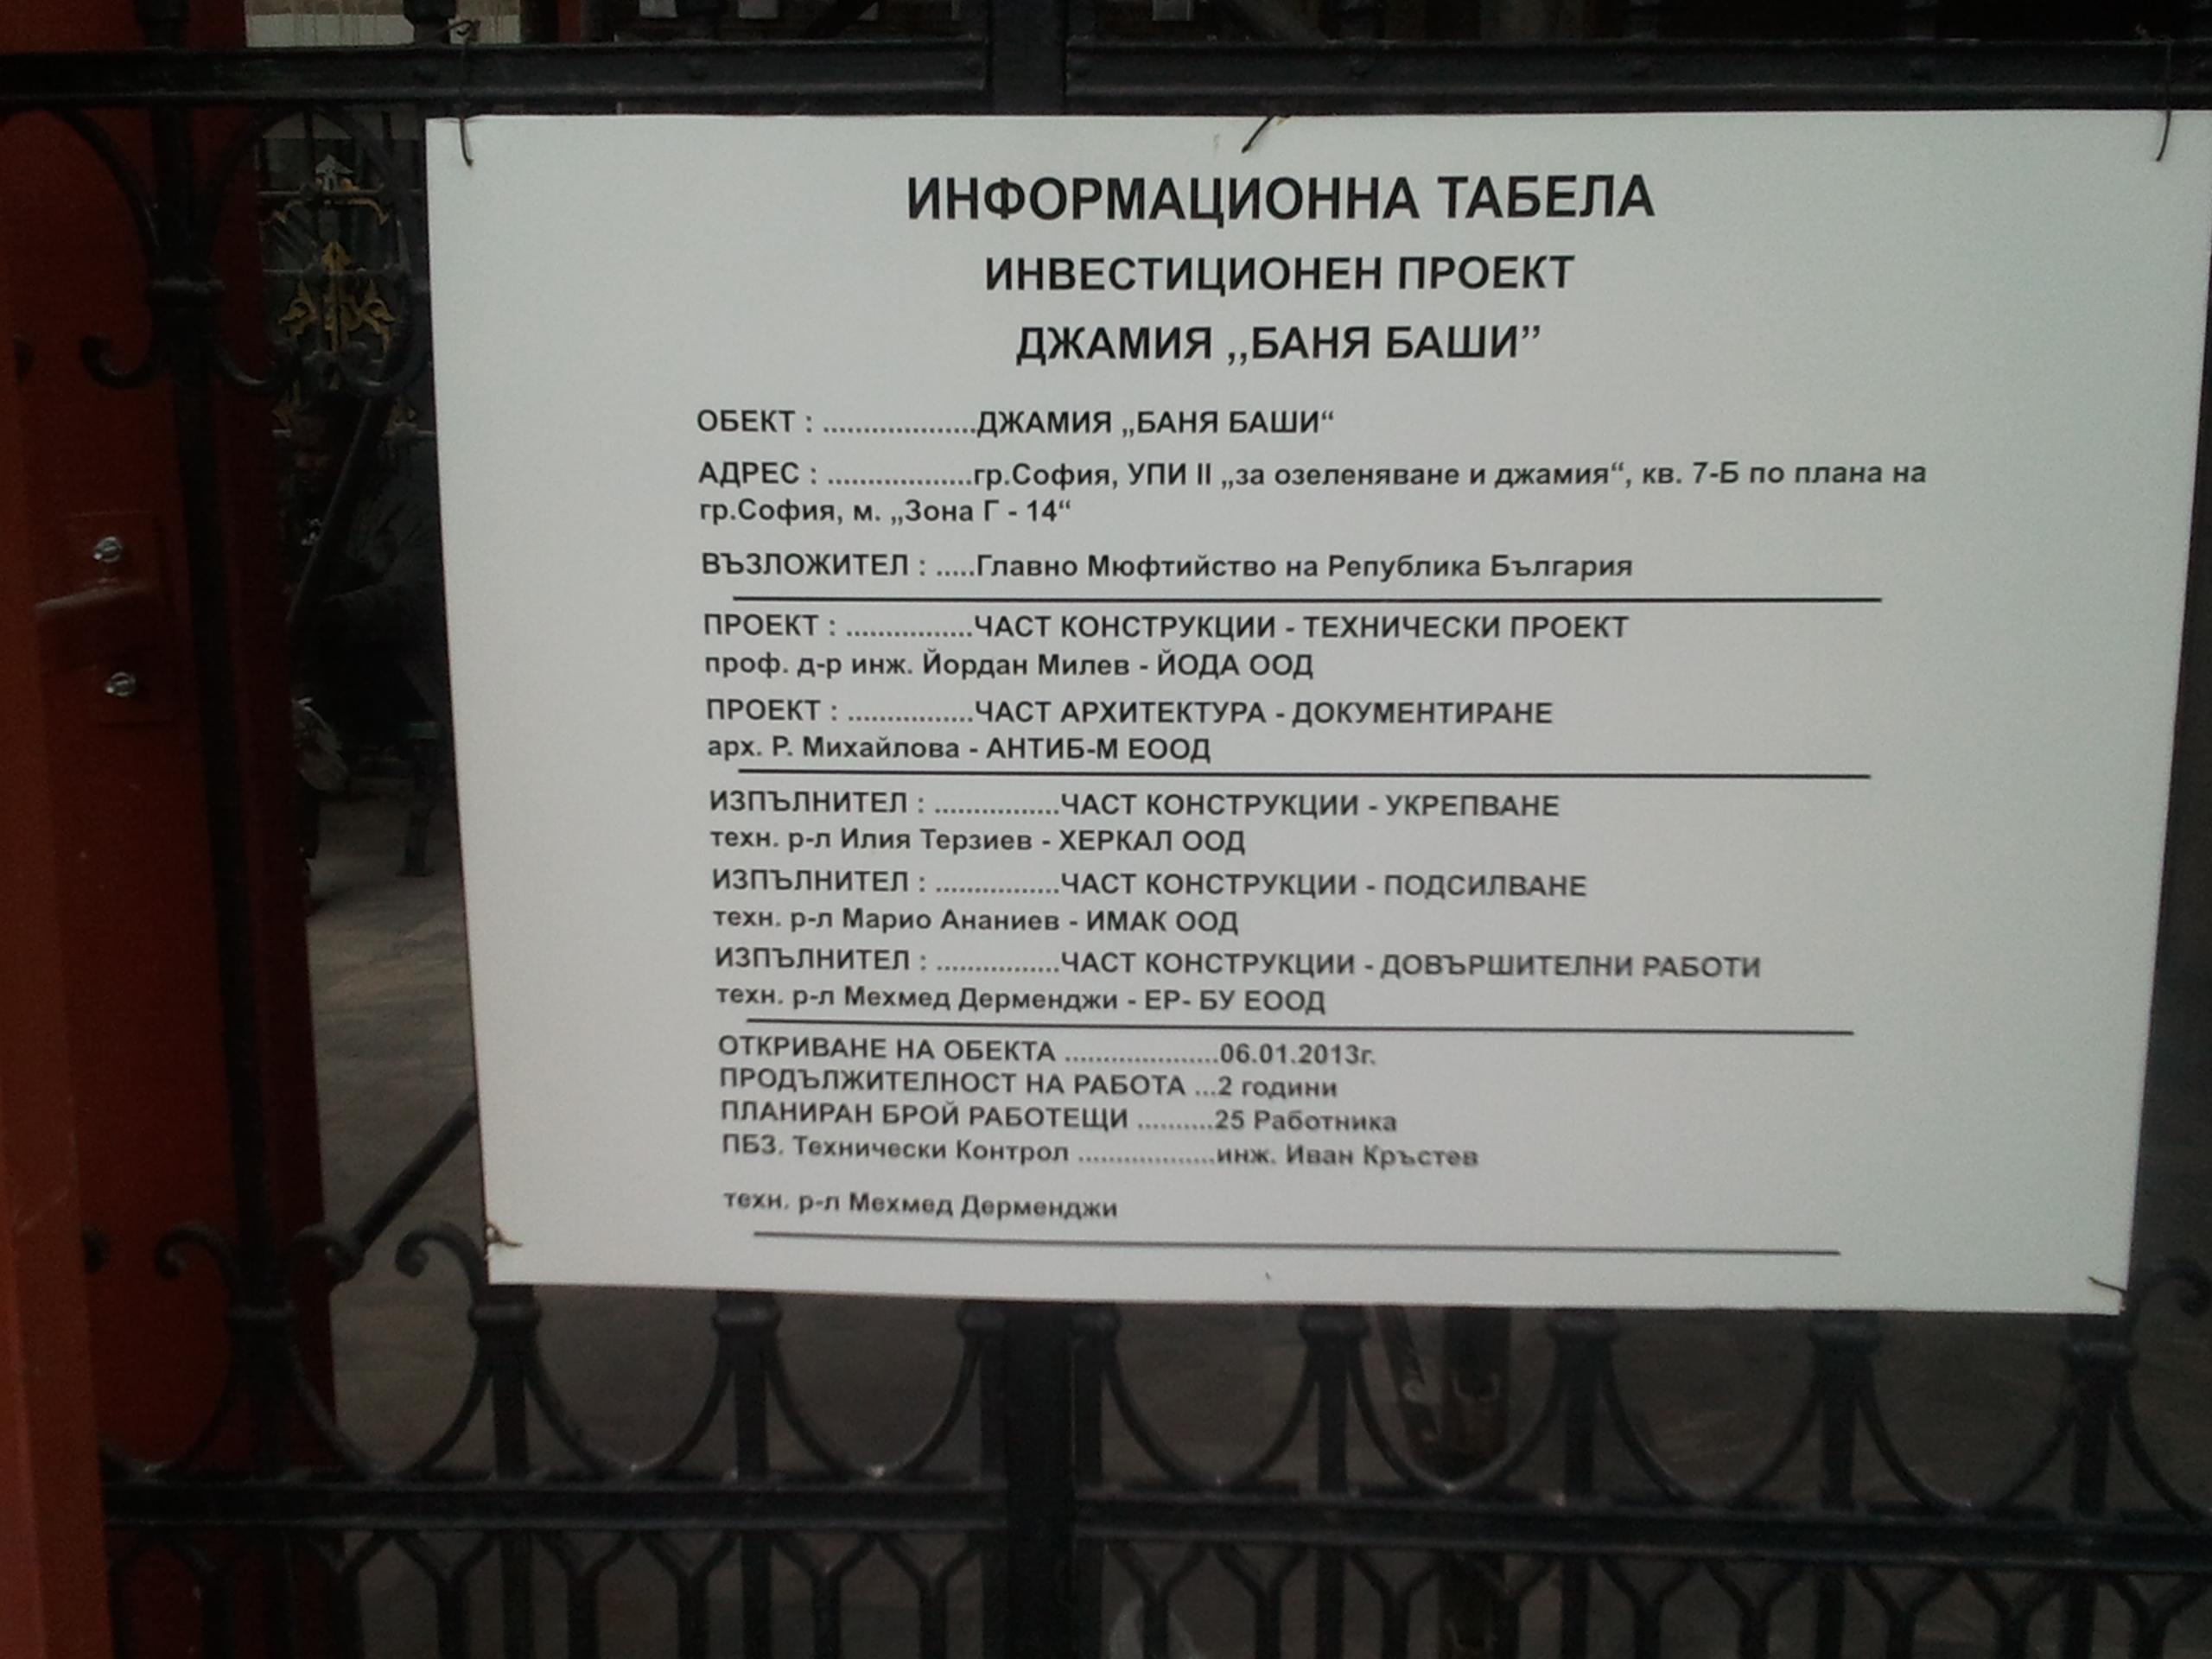 Инвестиционен проект БАНЯ-БАШИ ДЖАМИЯ СОФИЯ